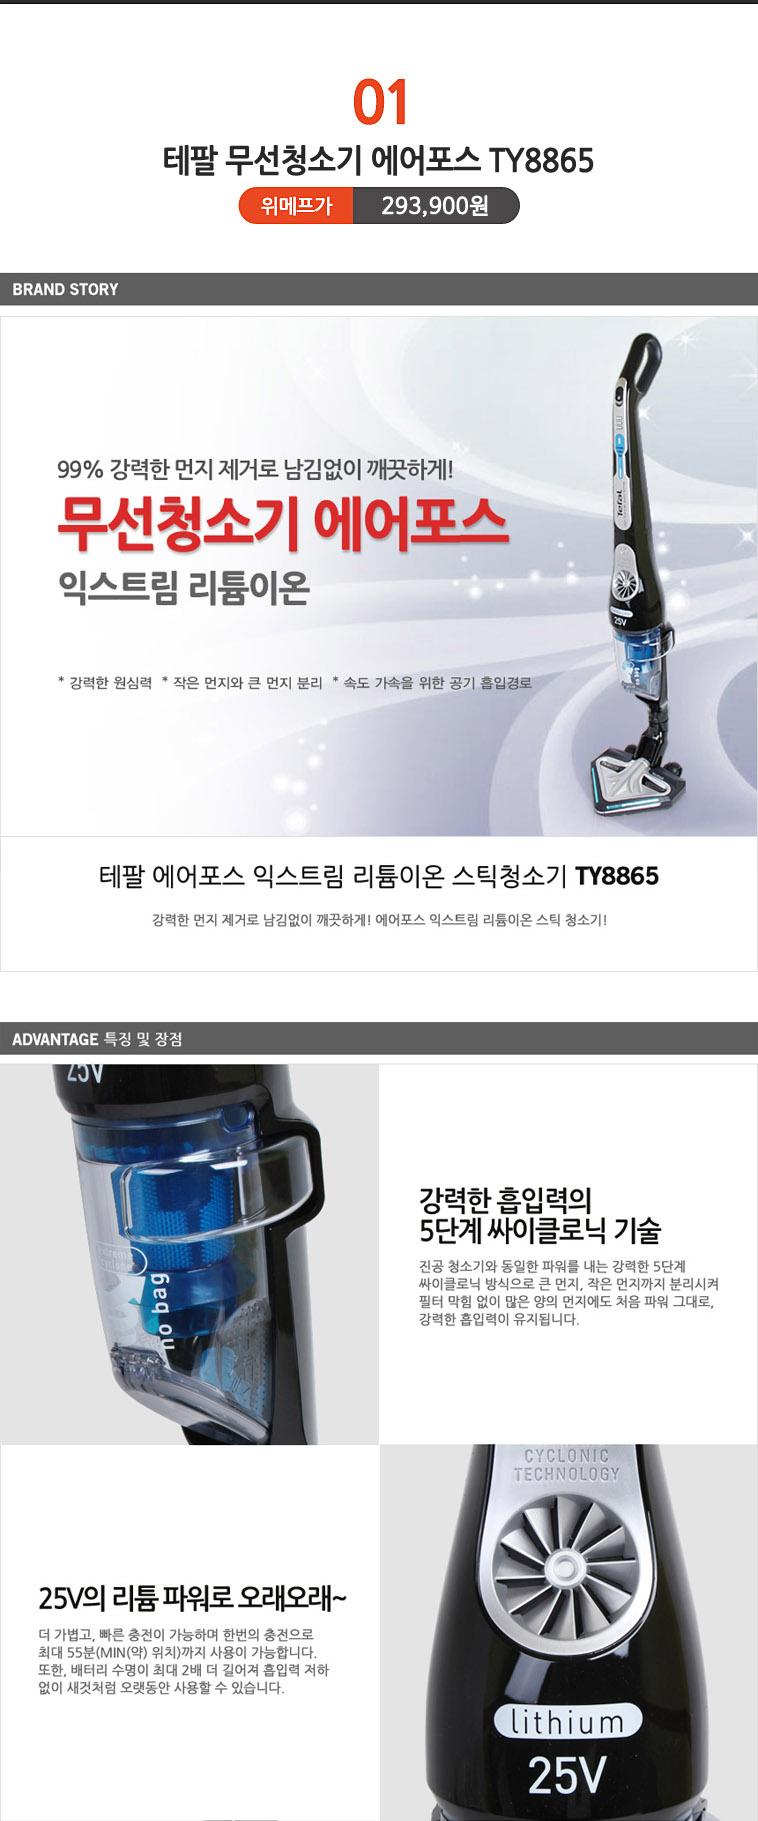 테팔 무선청소기 에어포스 TY8865 - 상세정보